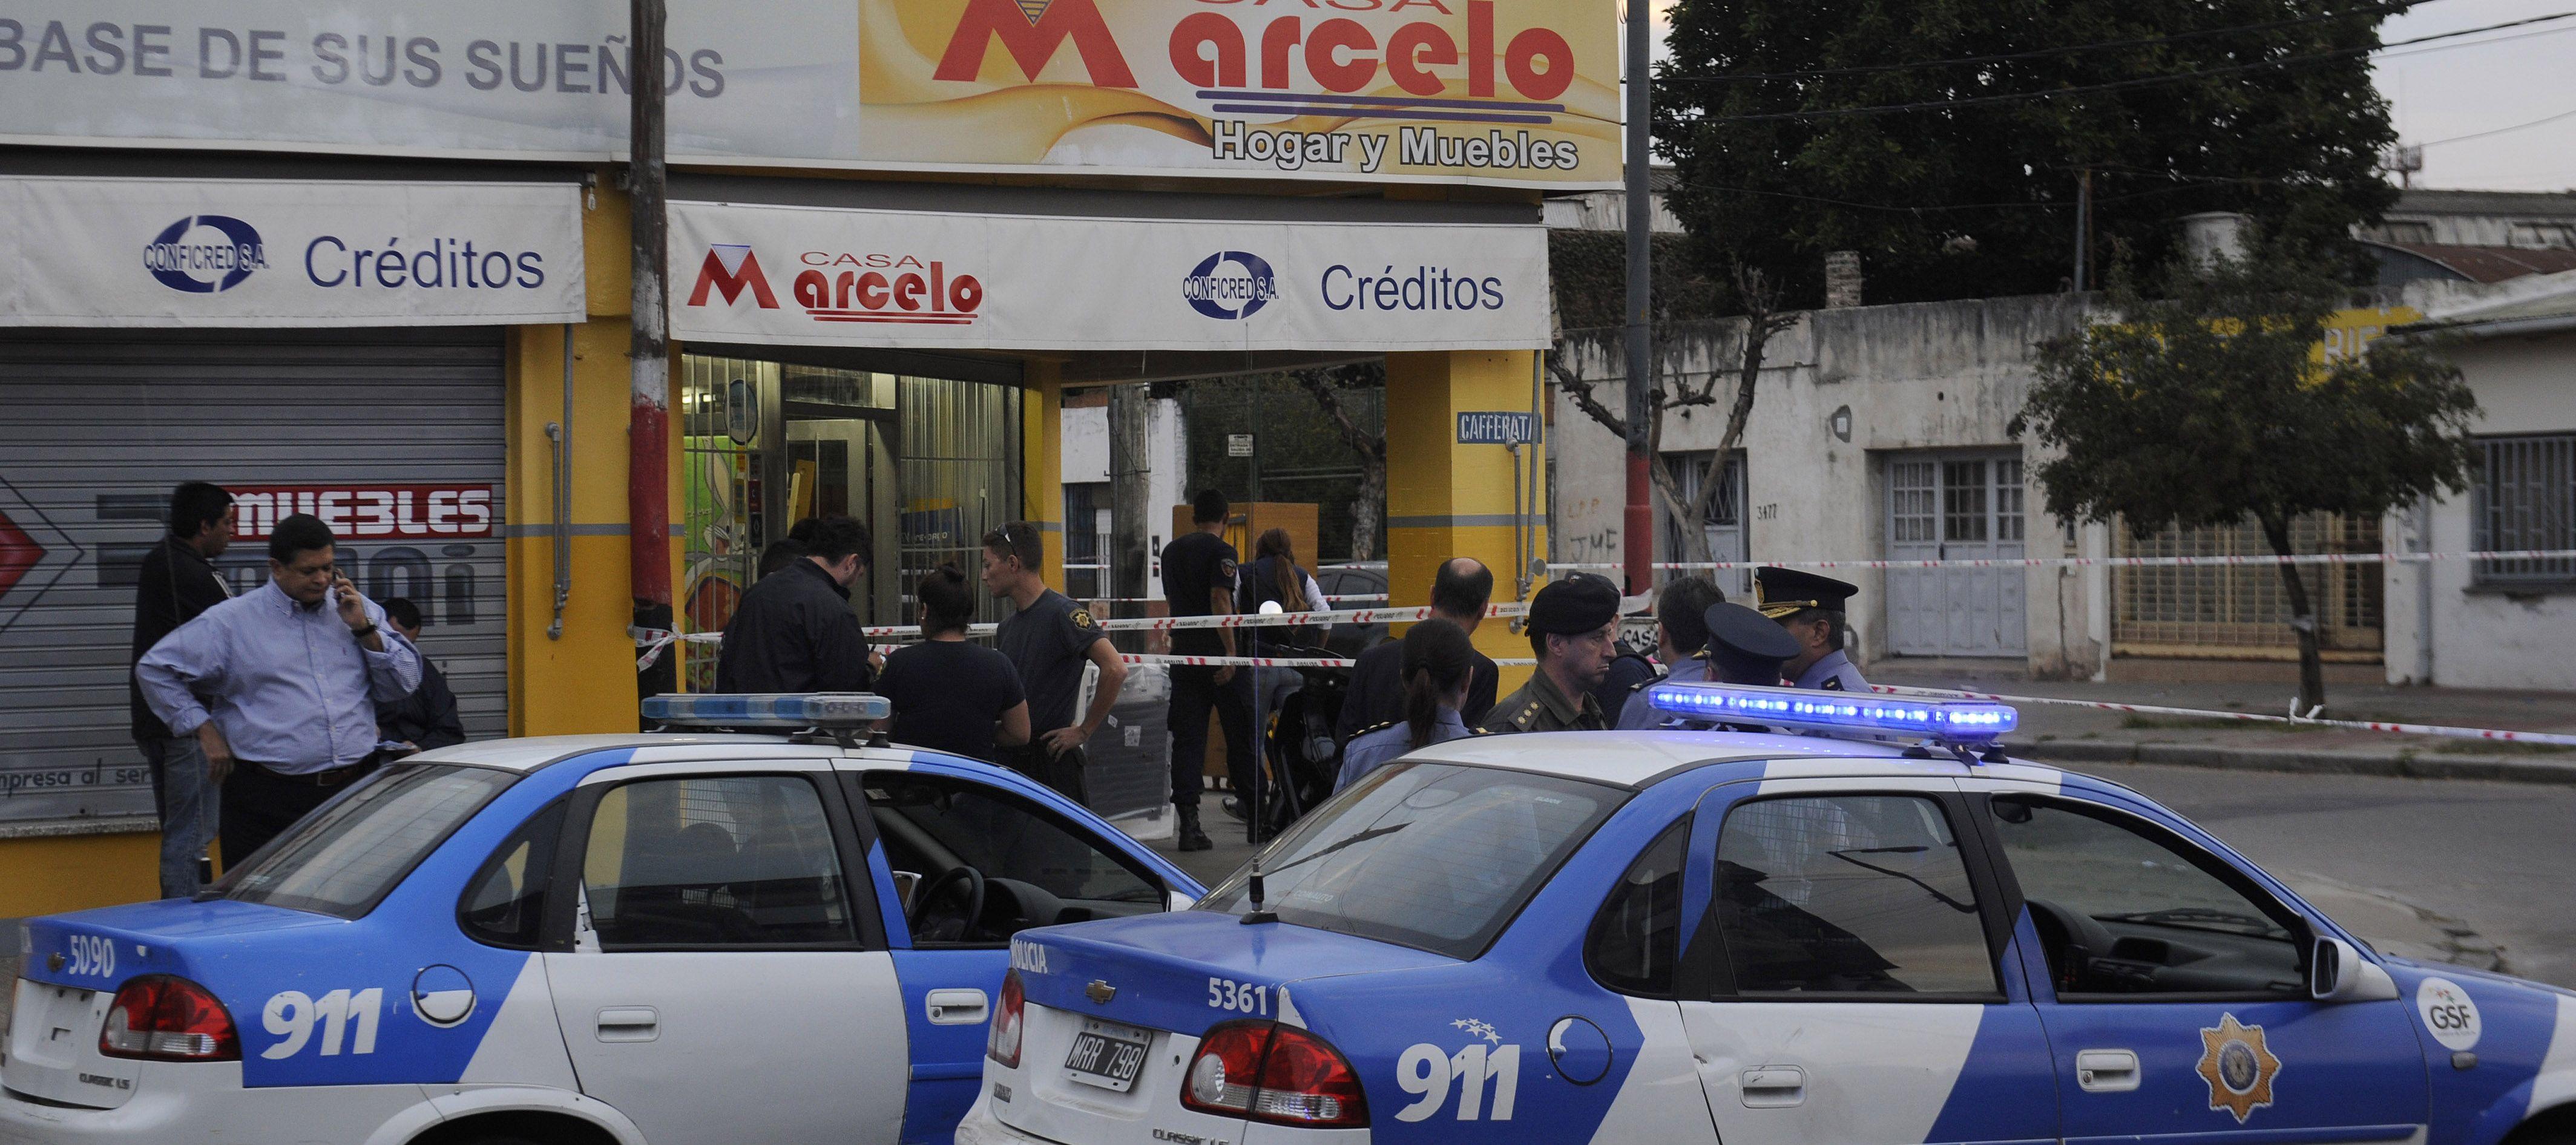 La esquina de Biedma y Cafferata donde sucedió el tiroteo. (Foto: Virginia Benedetto)